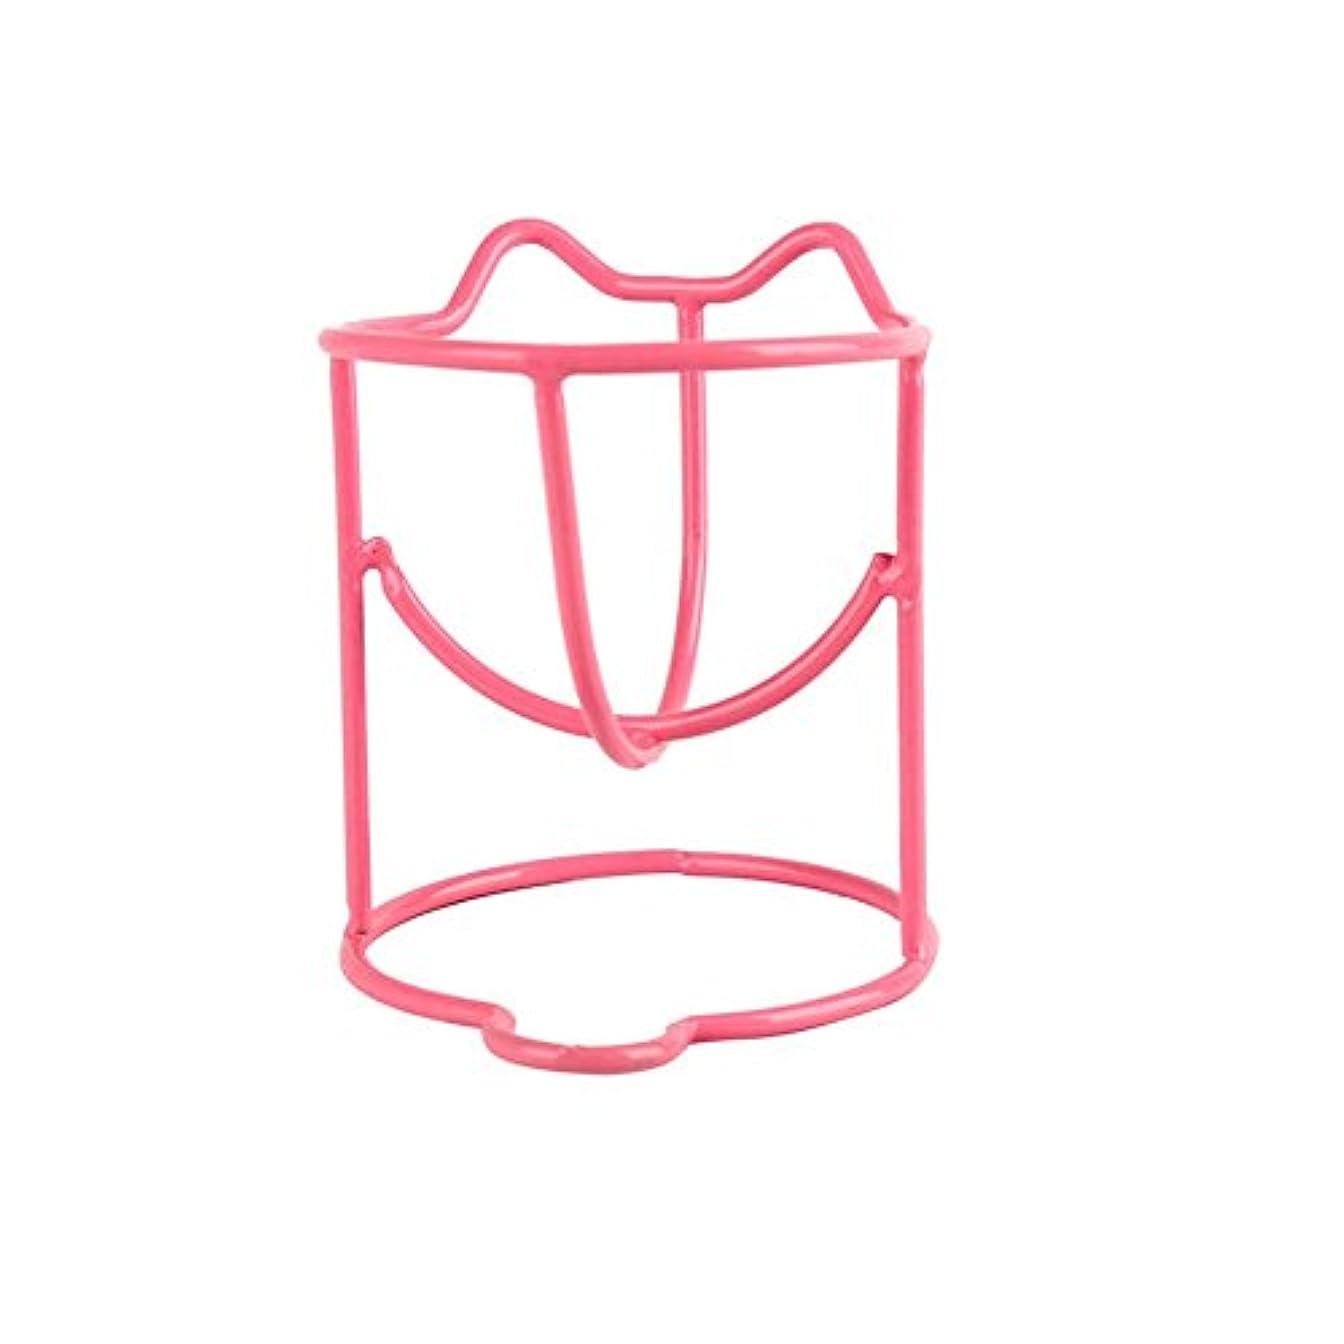 内側アルコーブ漏れファッションメイク卵パウダーパフスポンジディスプレイスタンド乾燥ホルダーラックのセット